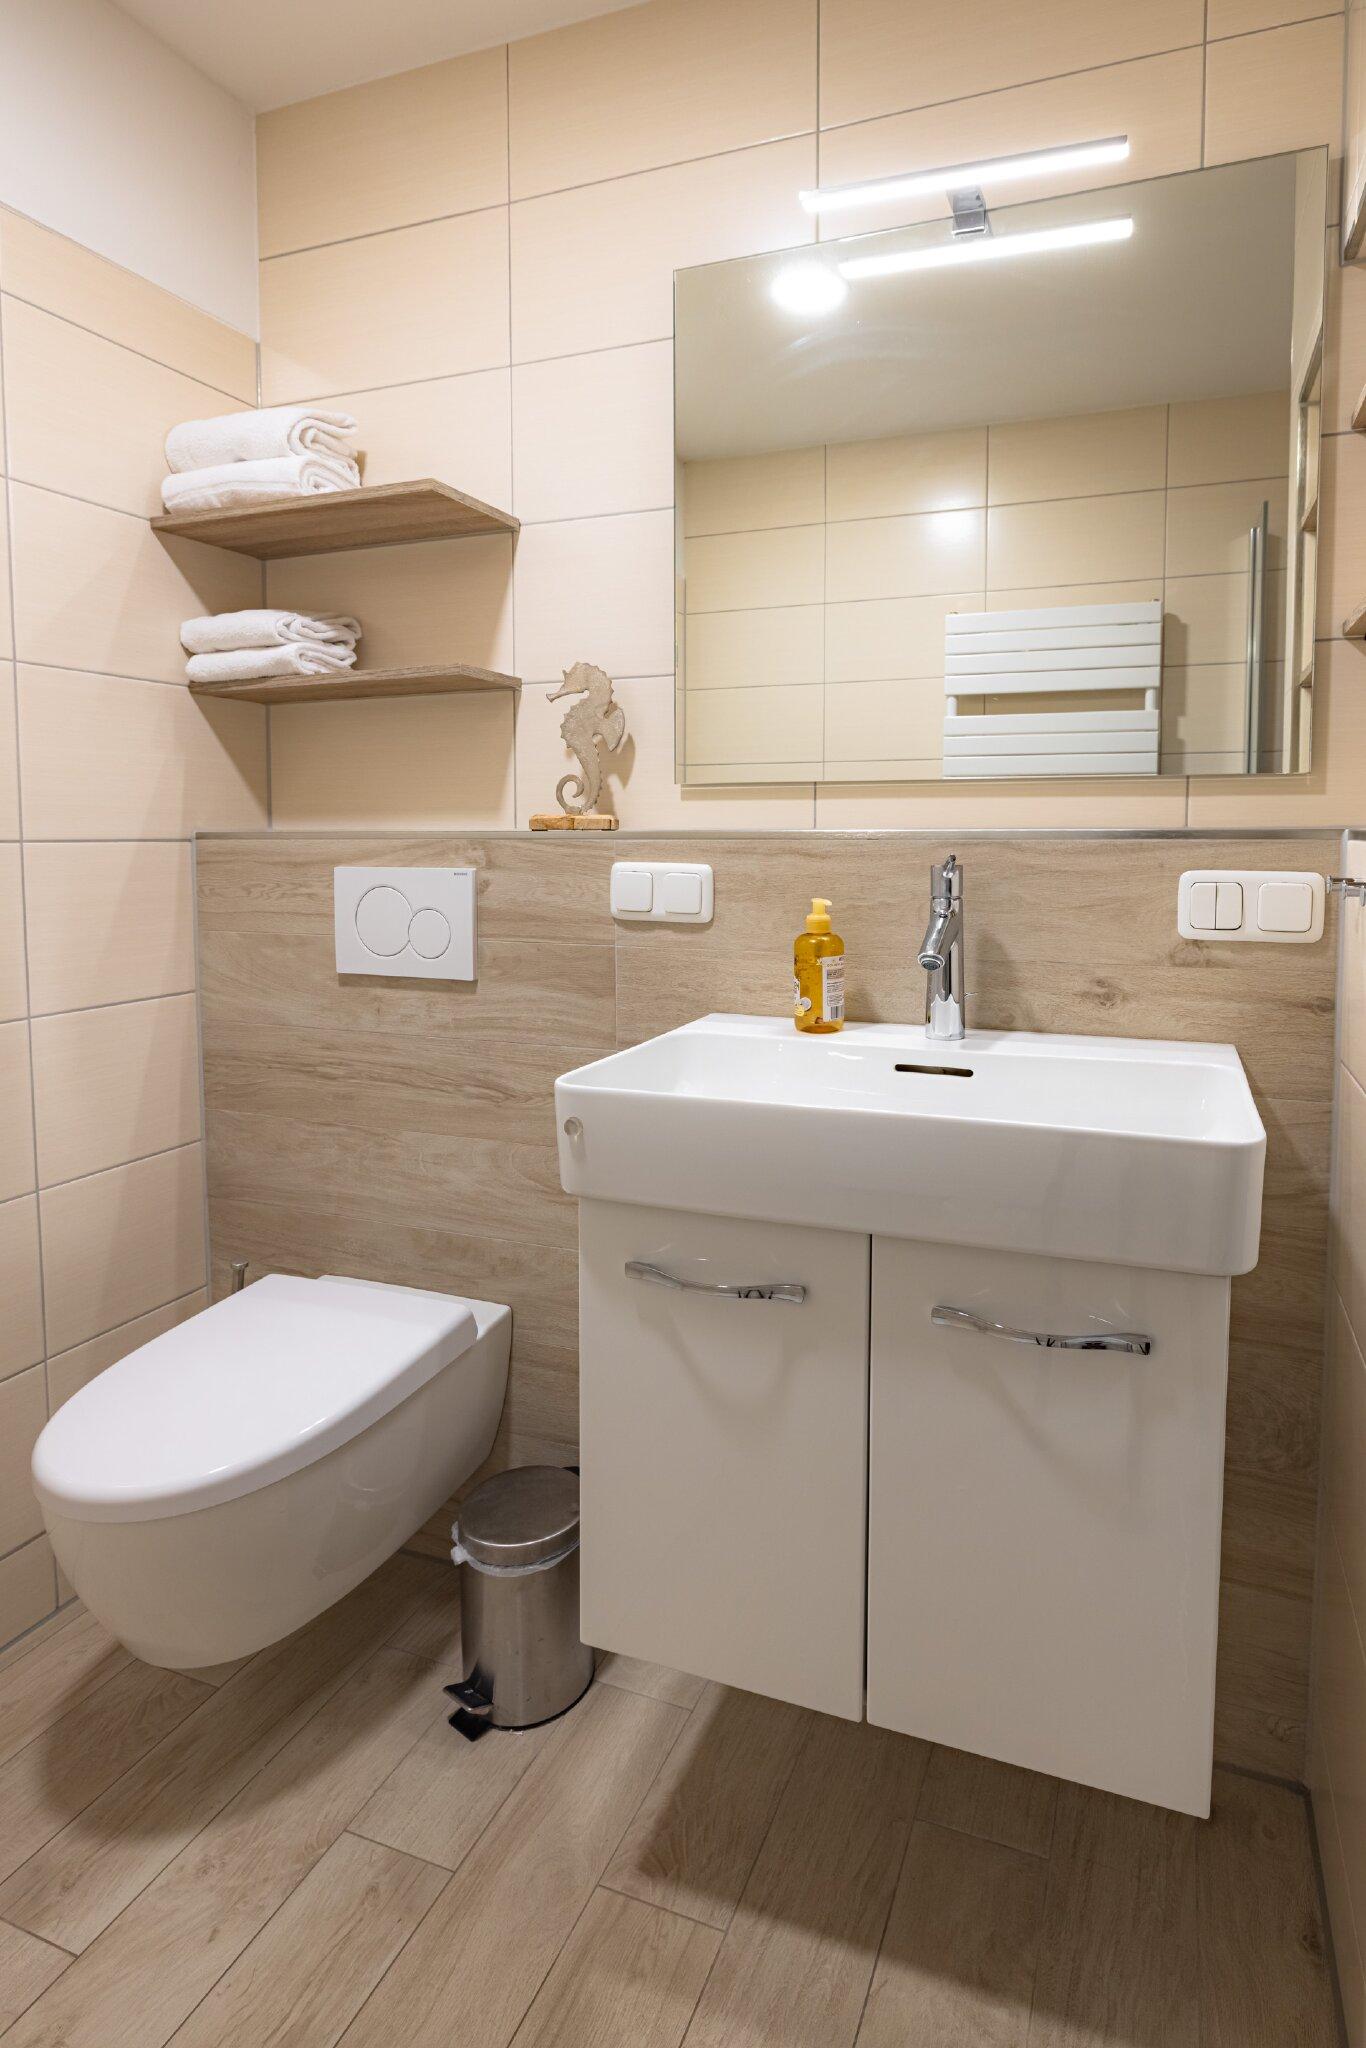 Dusch-Bad zw. den beiden Schlafzimmern